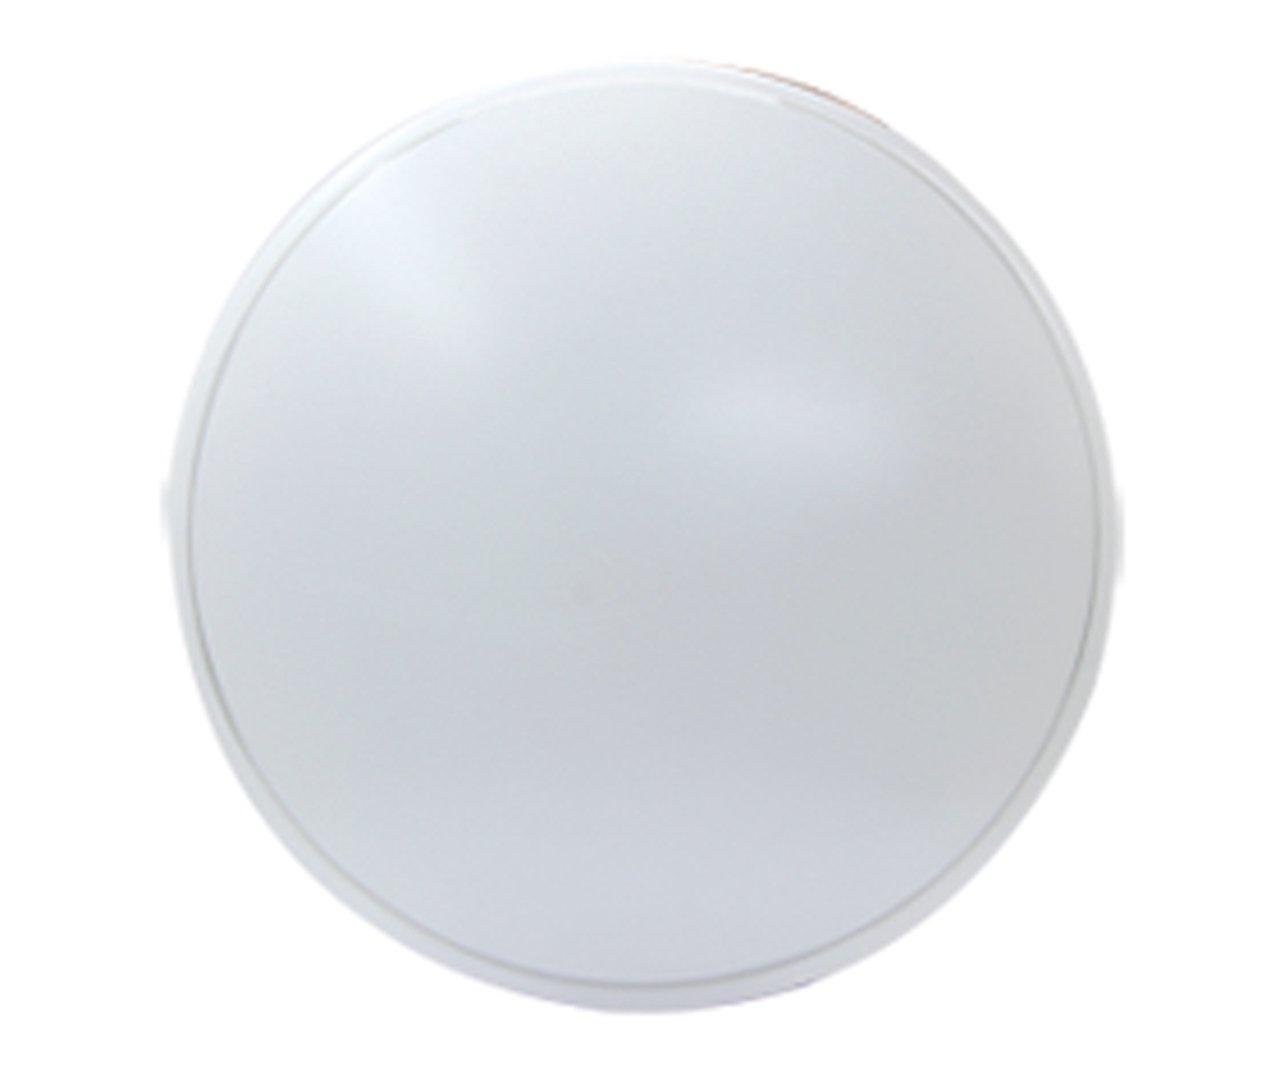 Jamara jamara703542 410 mm 18 W Neutral Neutral Neutral weiß LED silber Deckenleuchte 050512